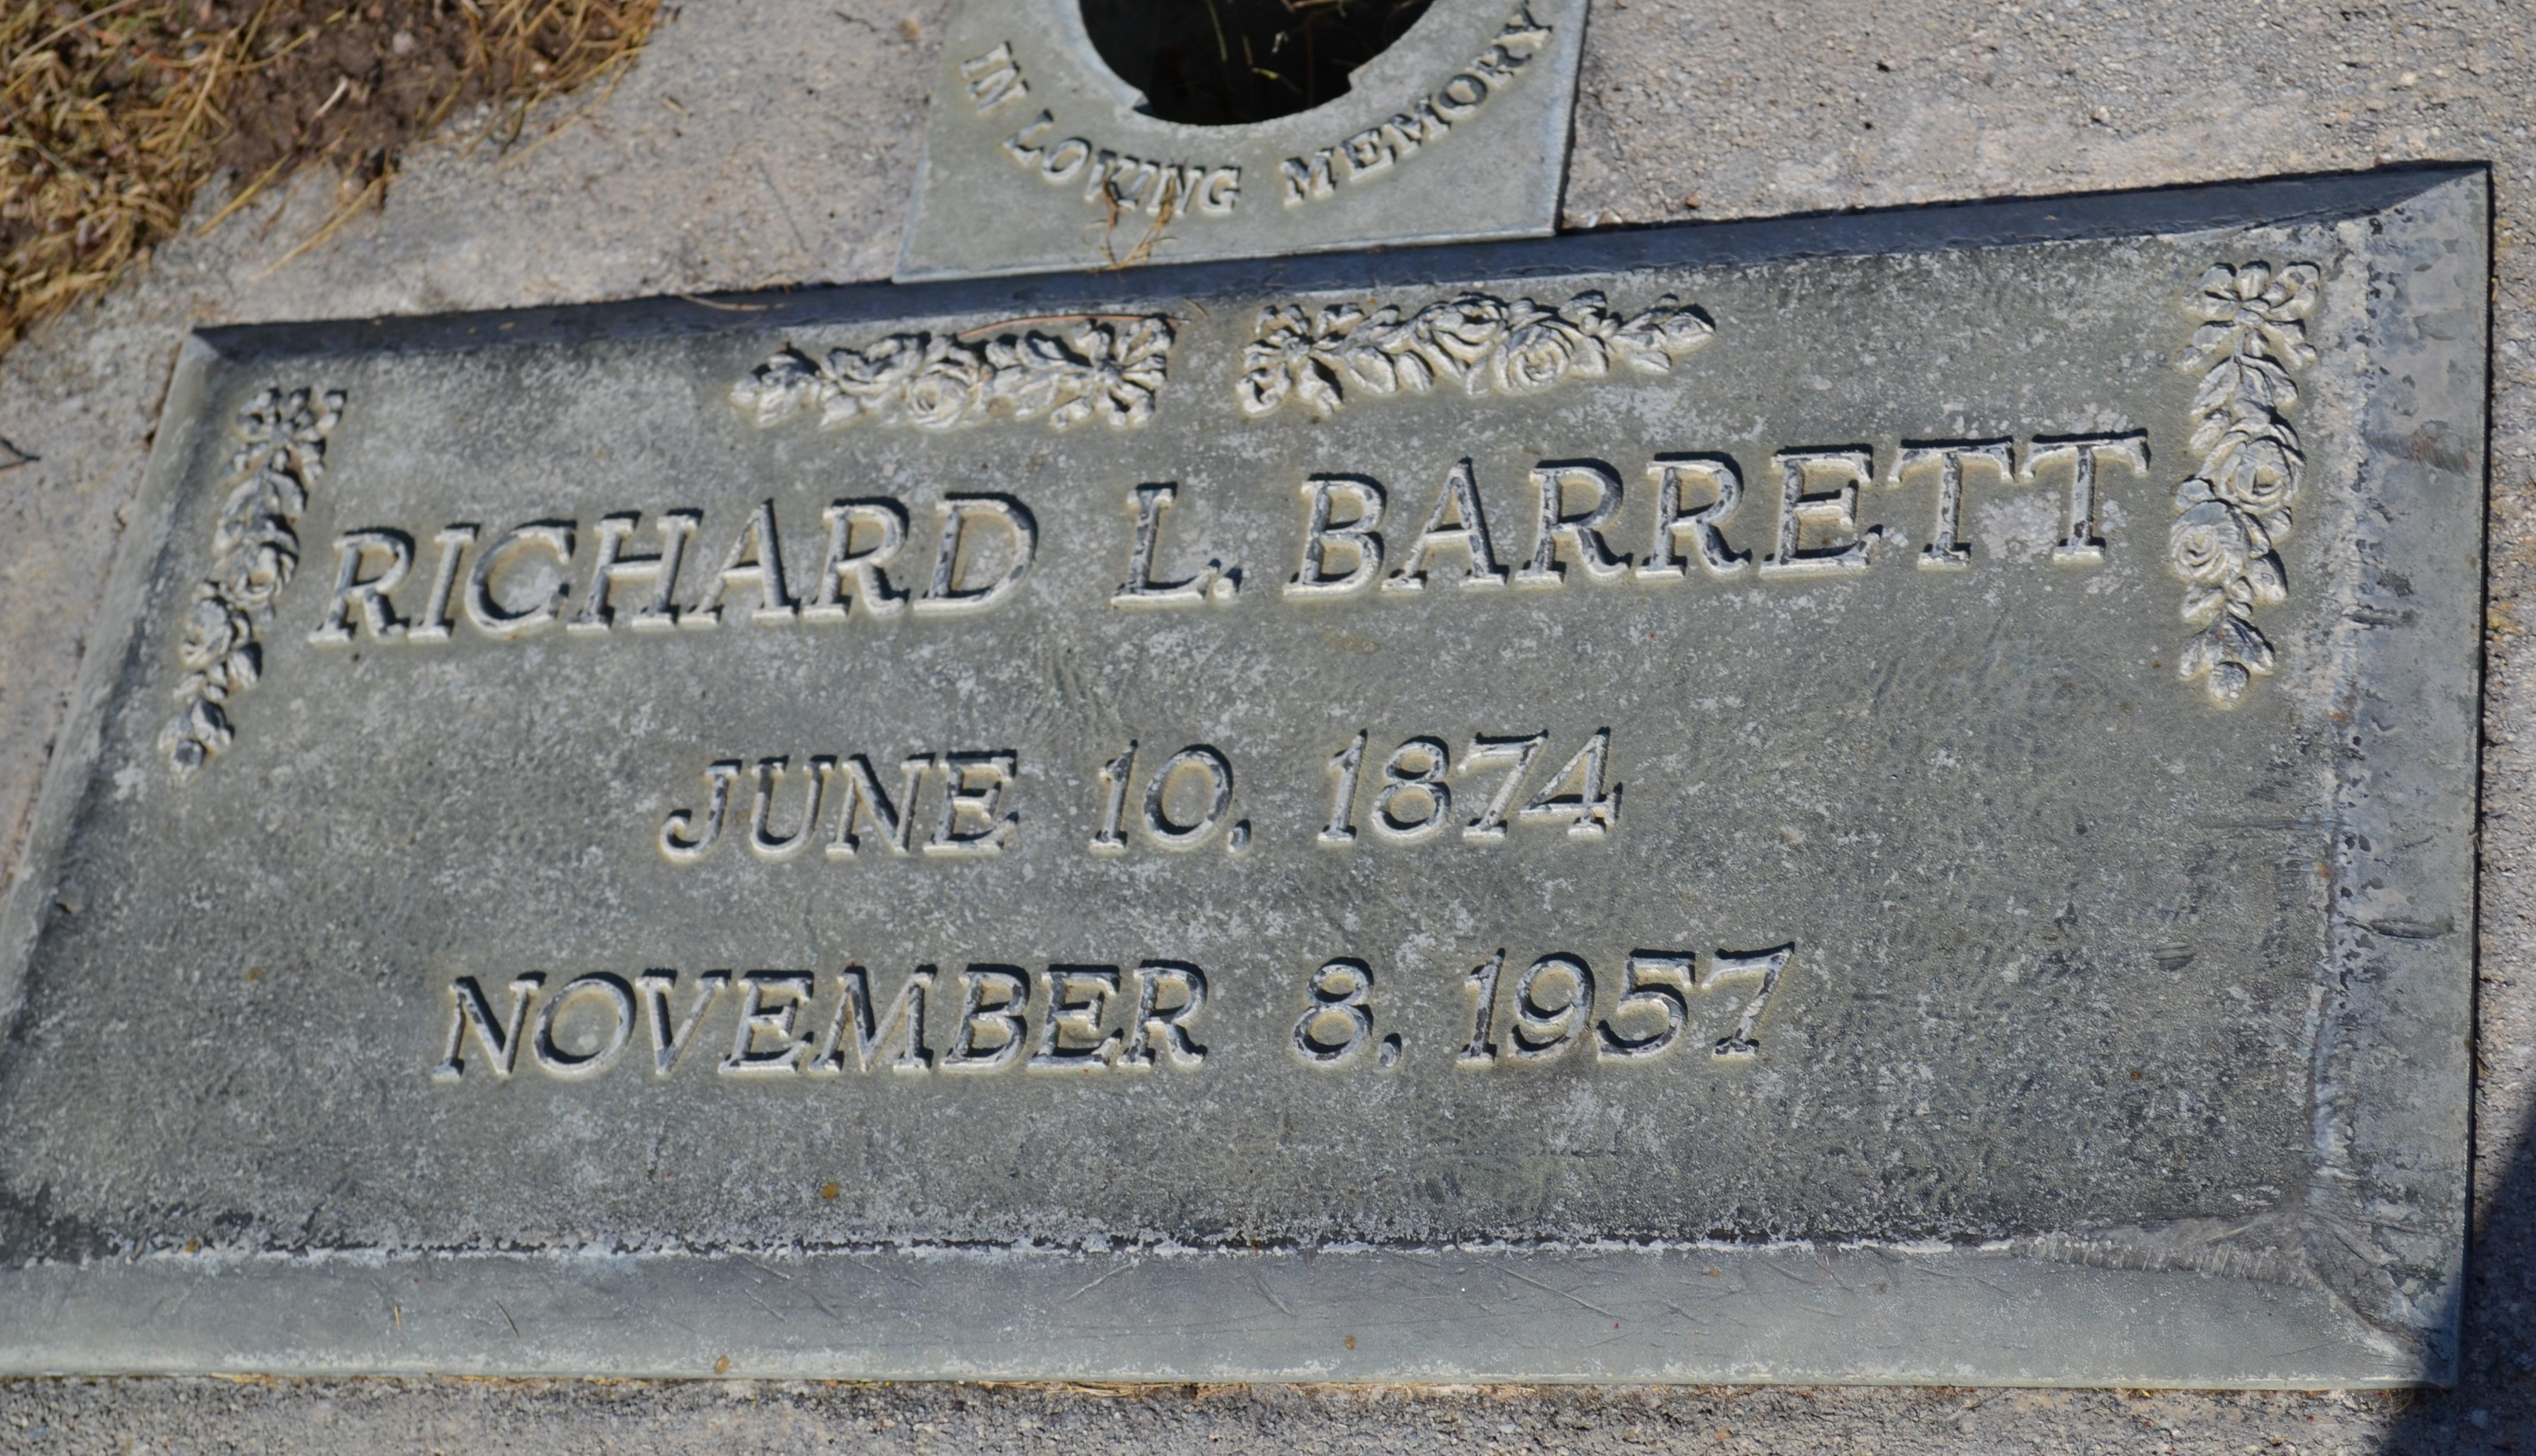 Richard L Barrett